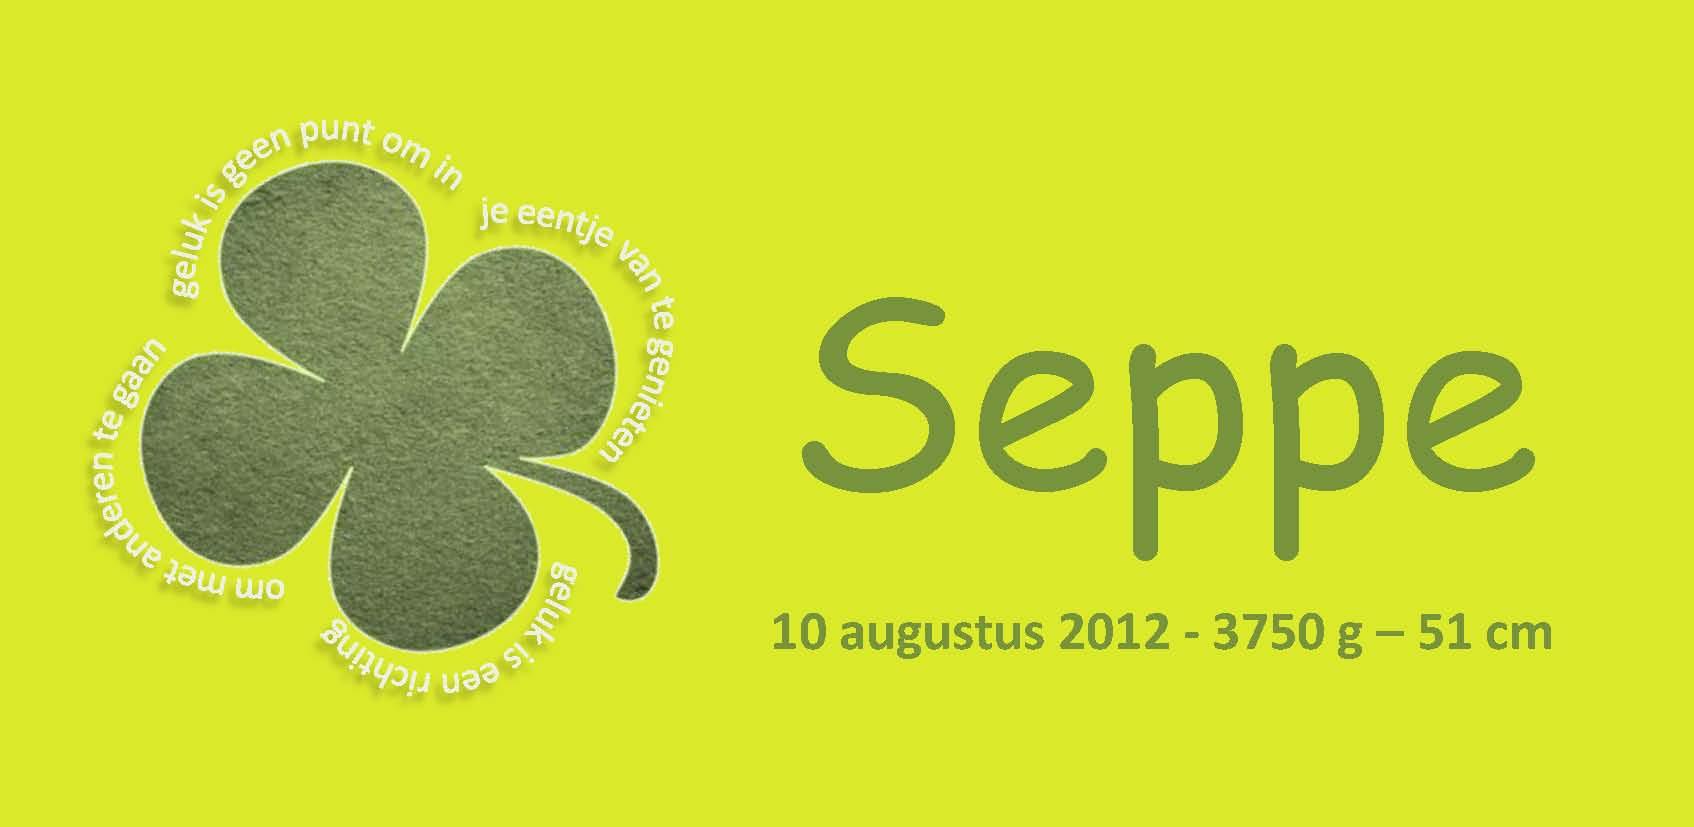 voorkant geboortekaartje van Seppe: homes.esat.kuleuven.be/~phendrik/seppe